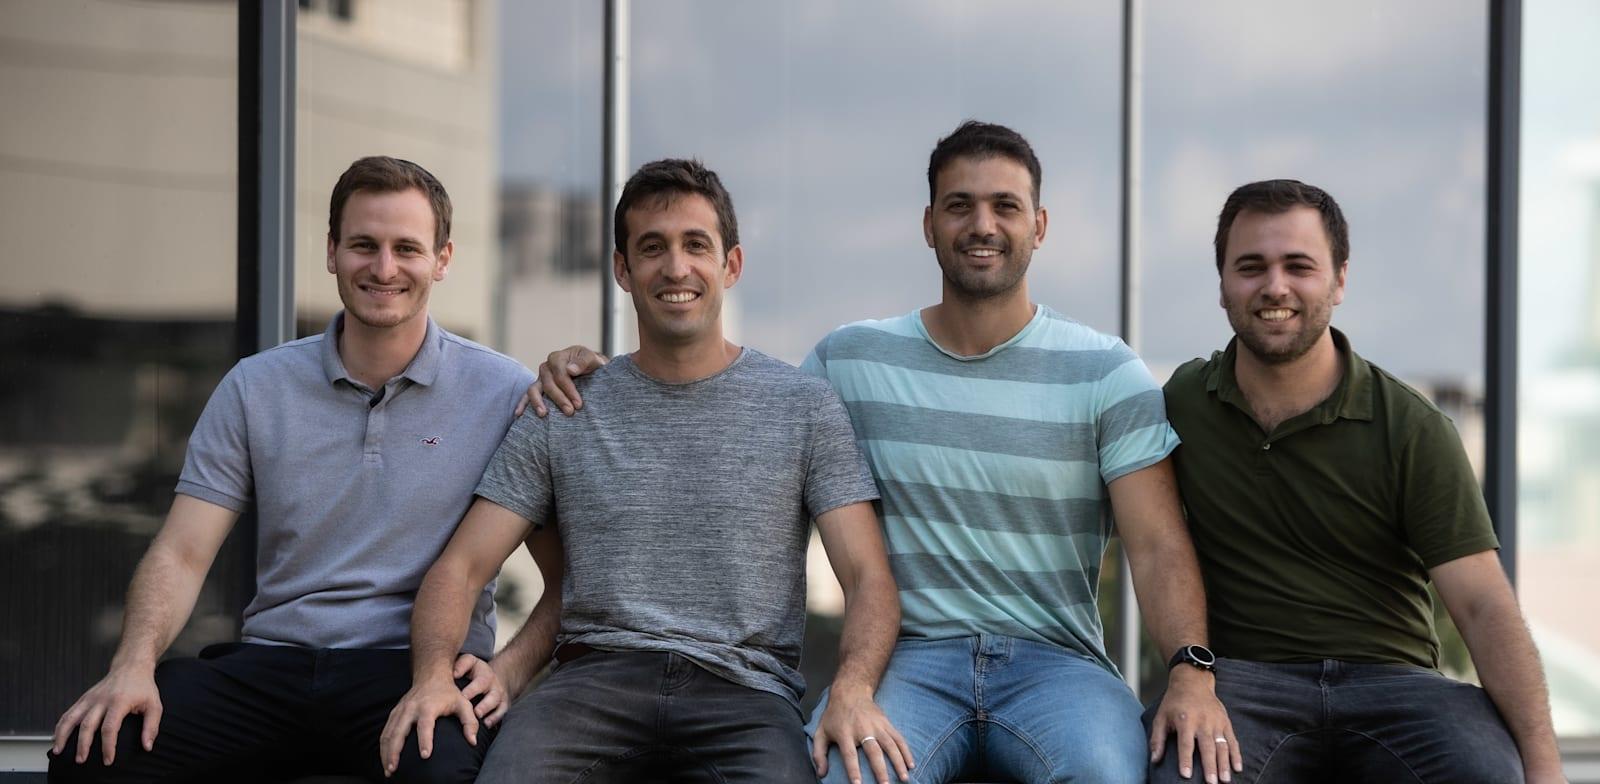 Juno Journey founders Photo: Matan Tzinamon